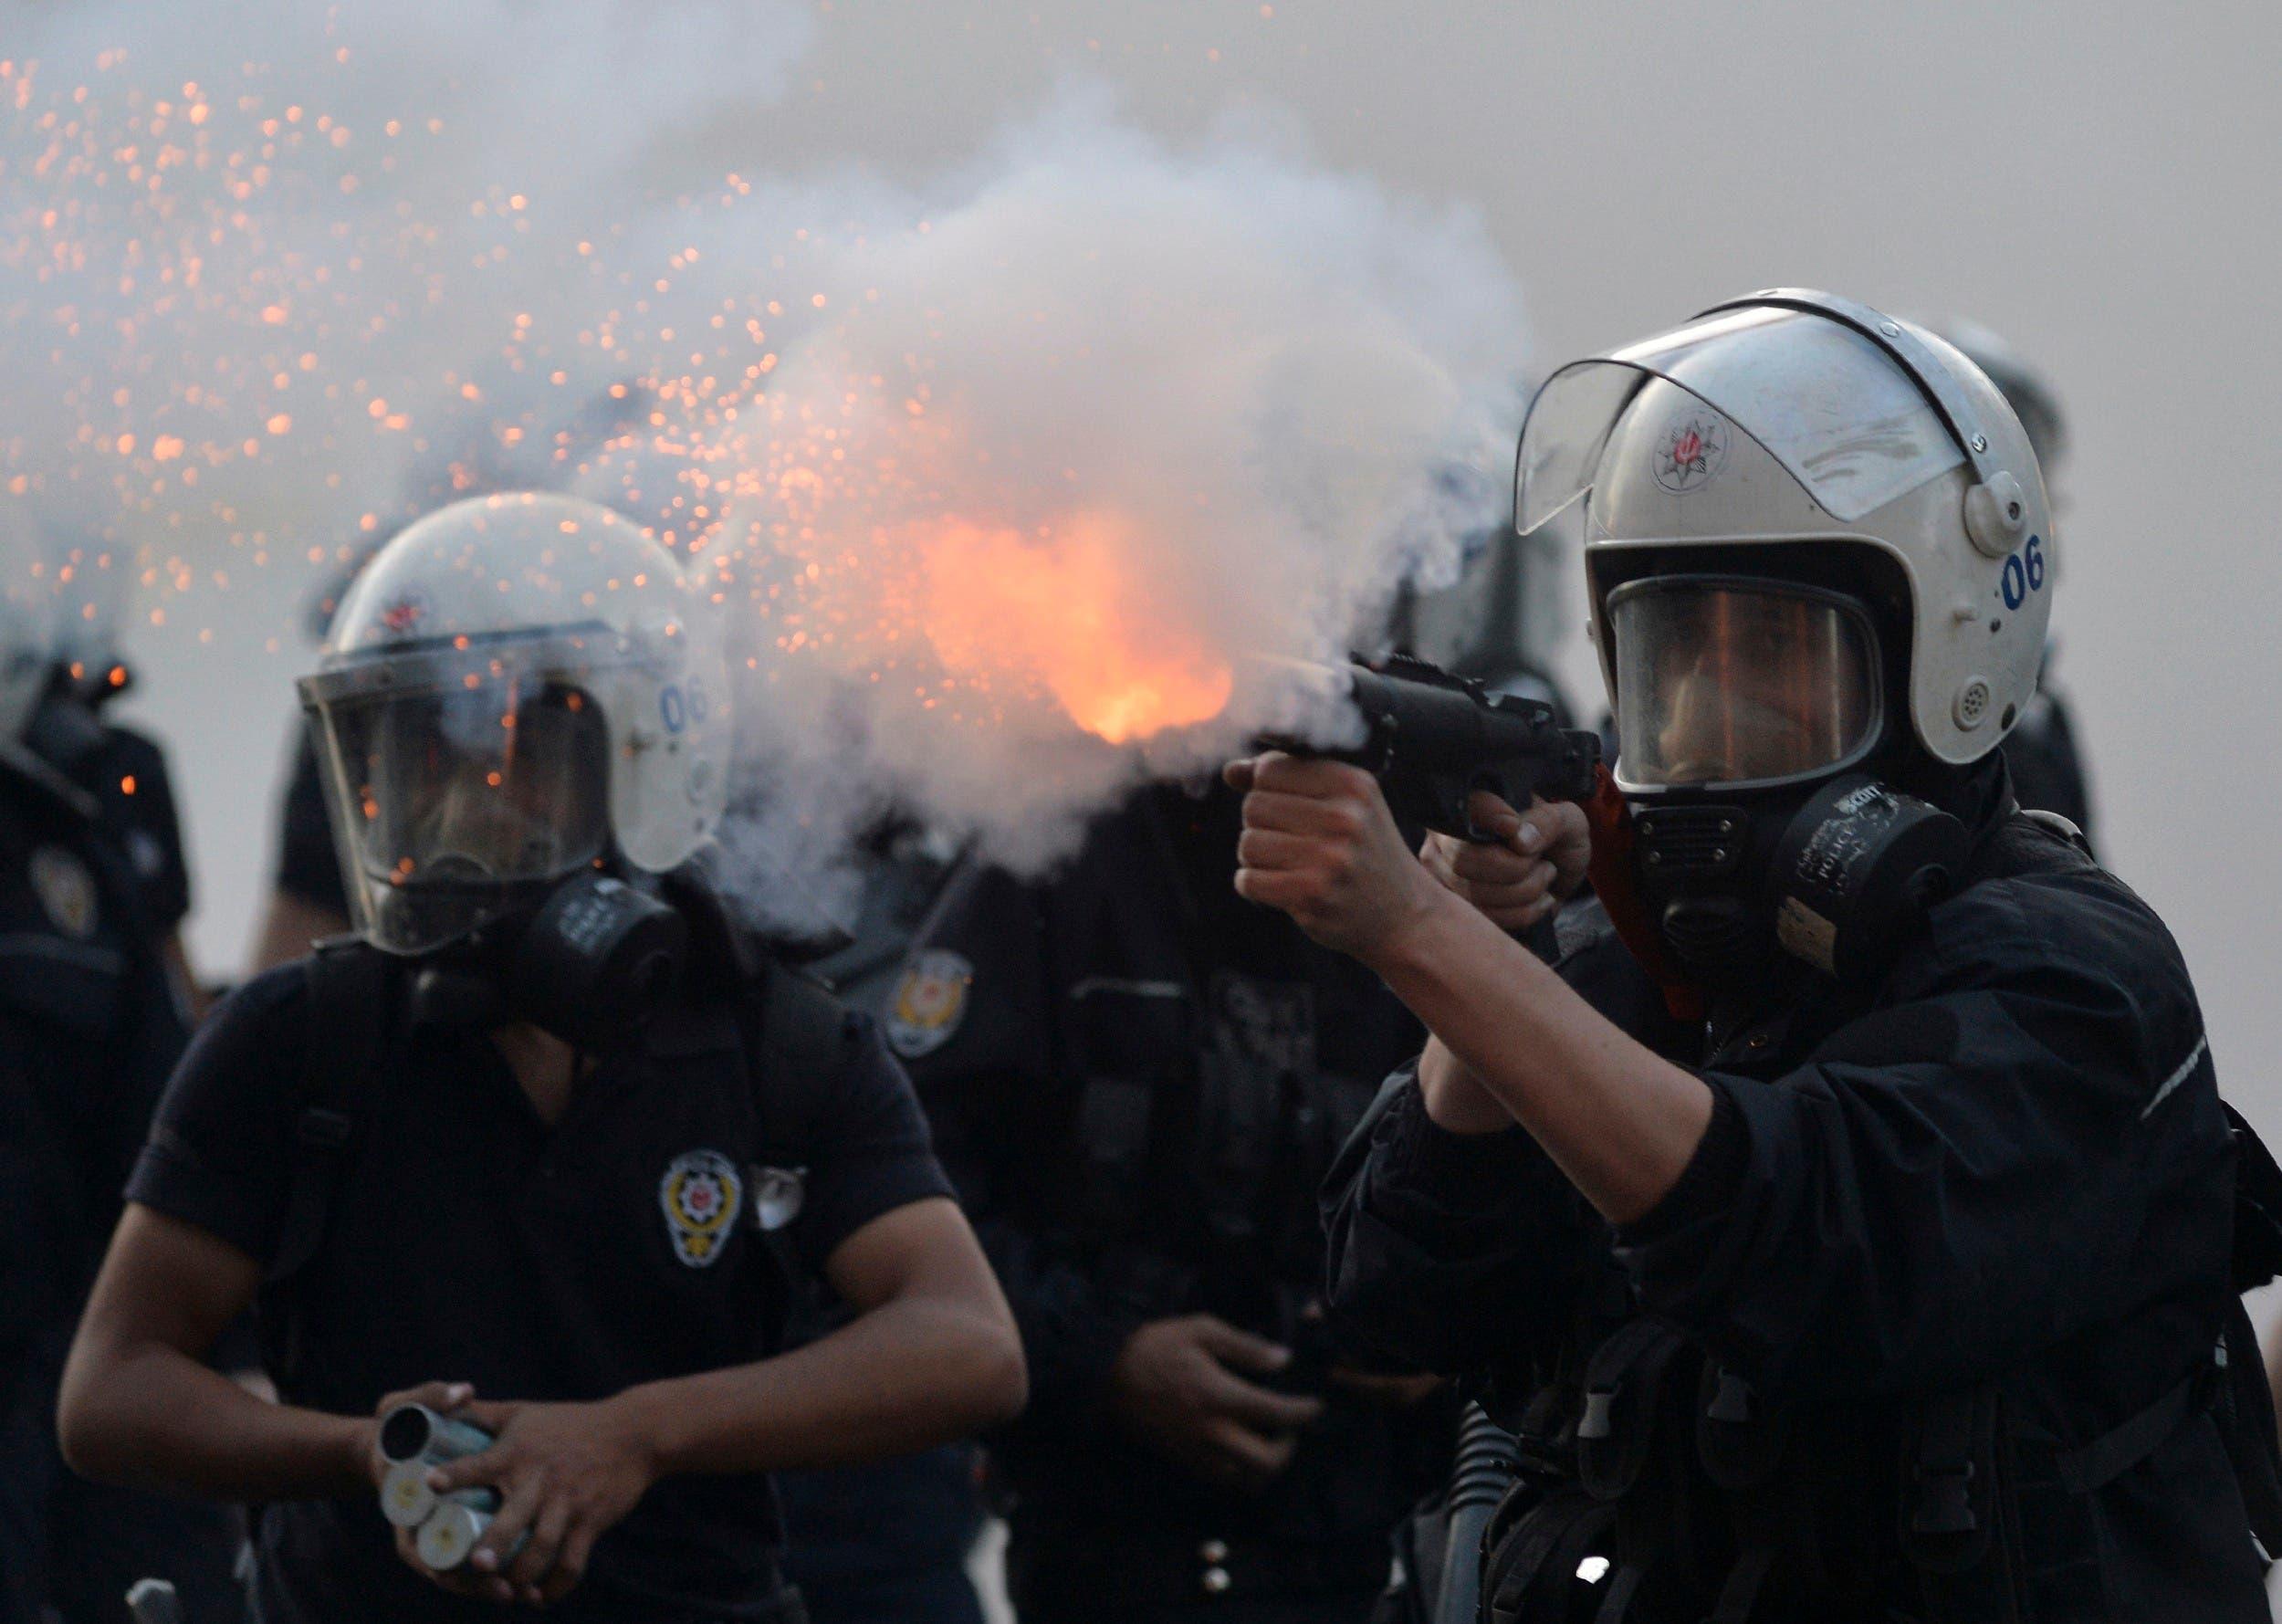 شرطة تركيا أردوغان تطلق الغاز المسيل للدموع على المتظاهرين